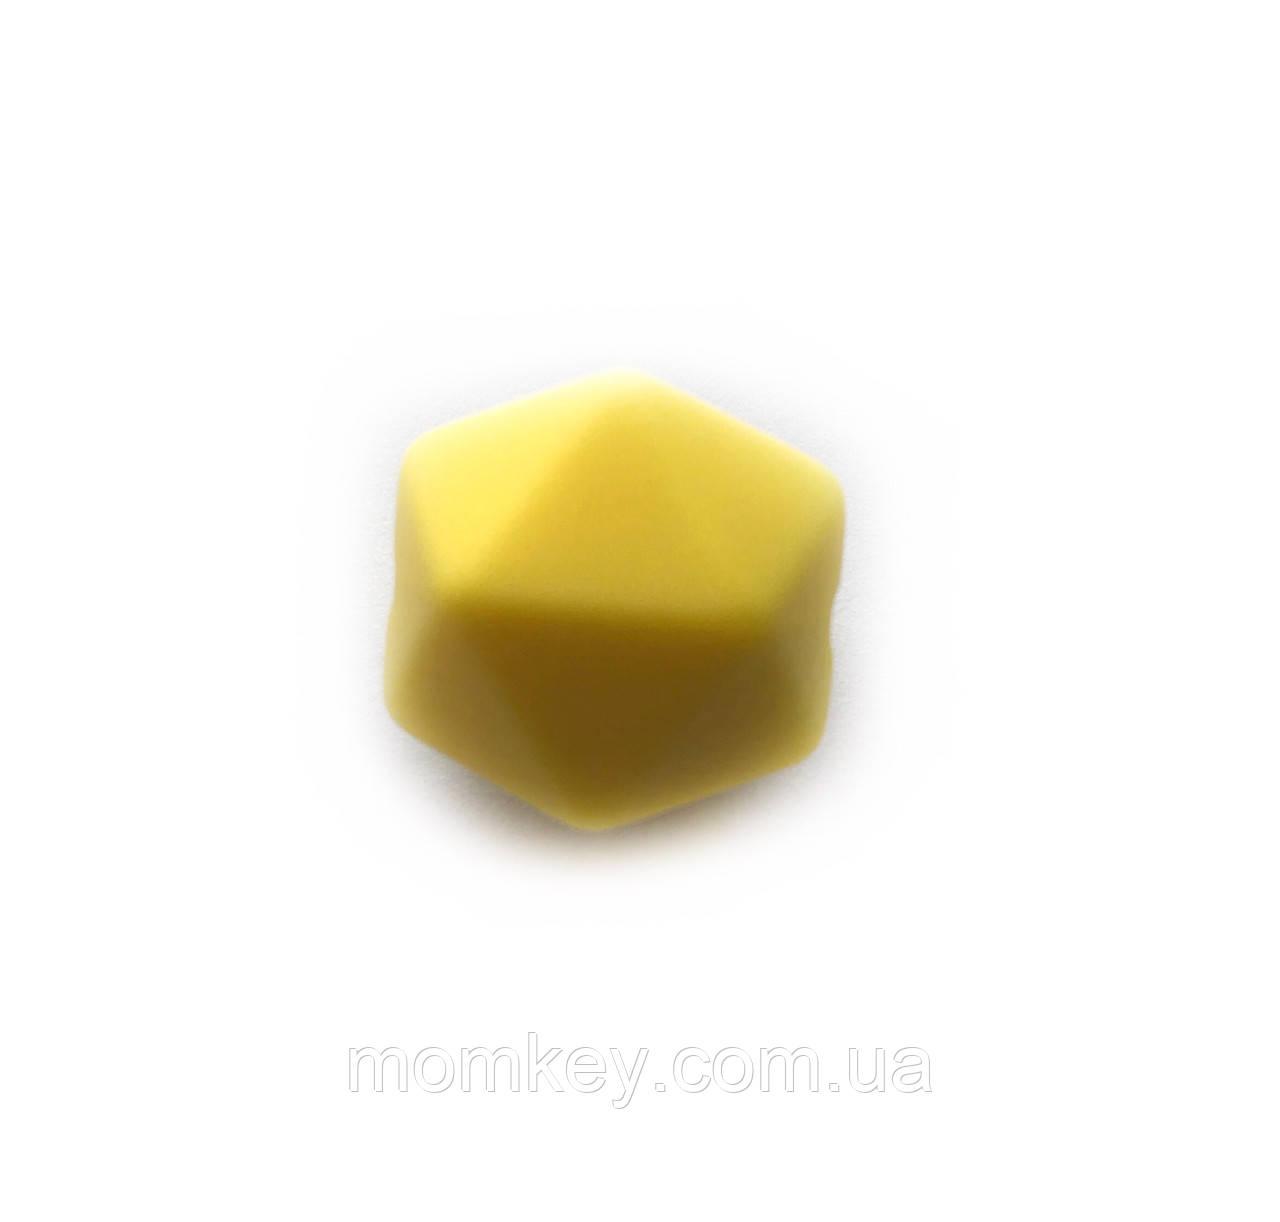 Ікосаедр 17 мм (закруглені кути)(жовтий)